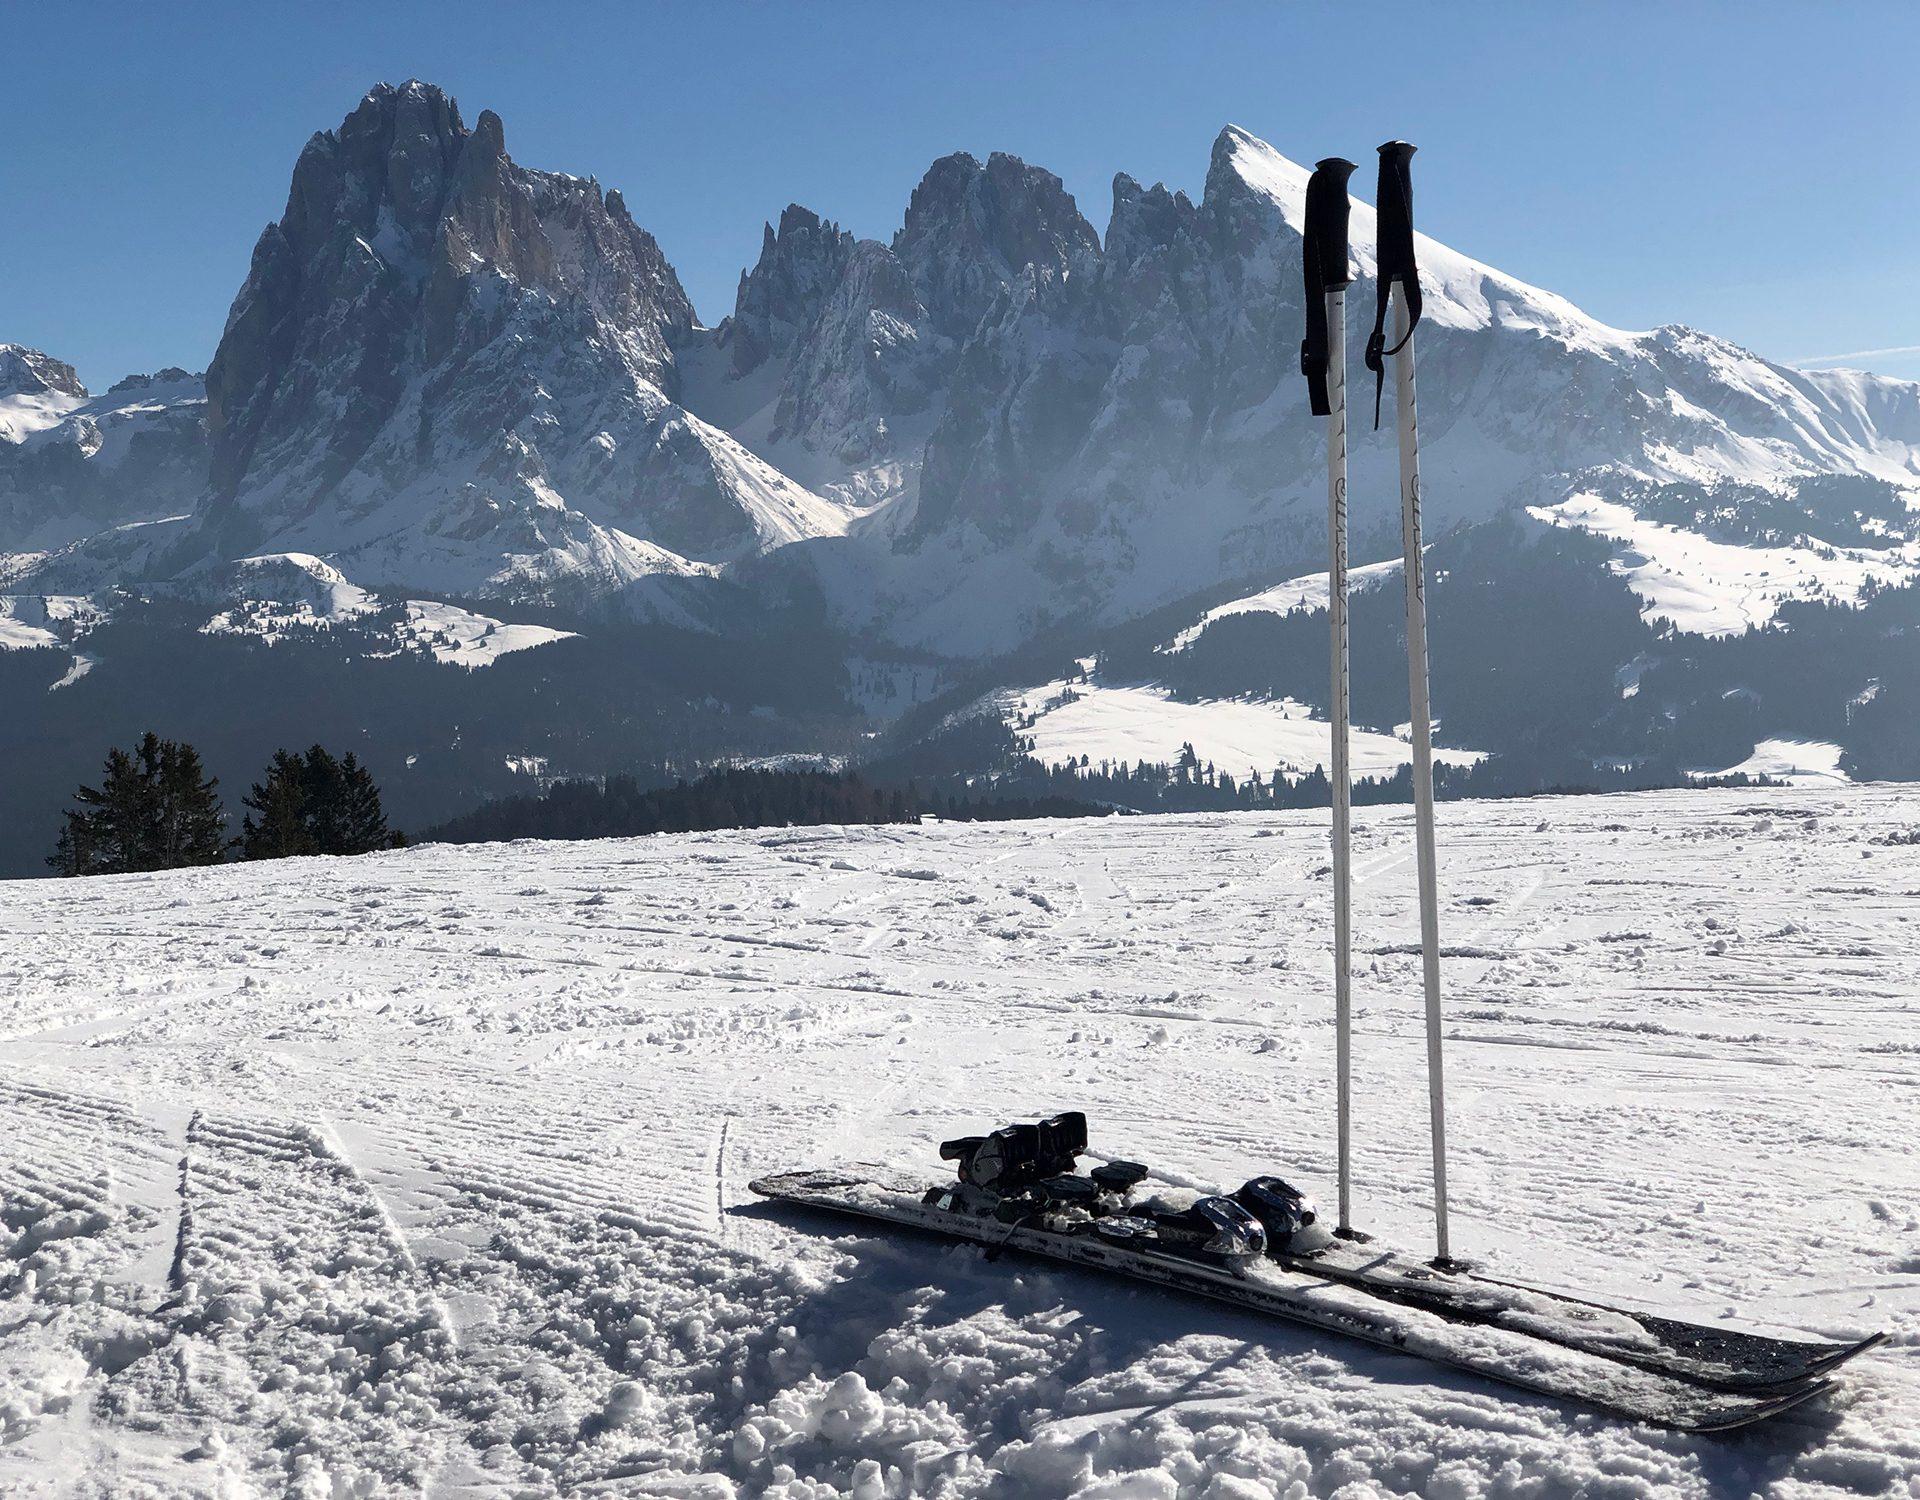 Berge im Winter mit Skistöcken